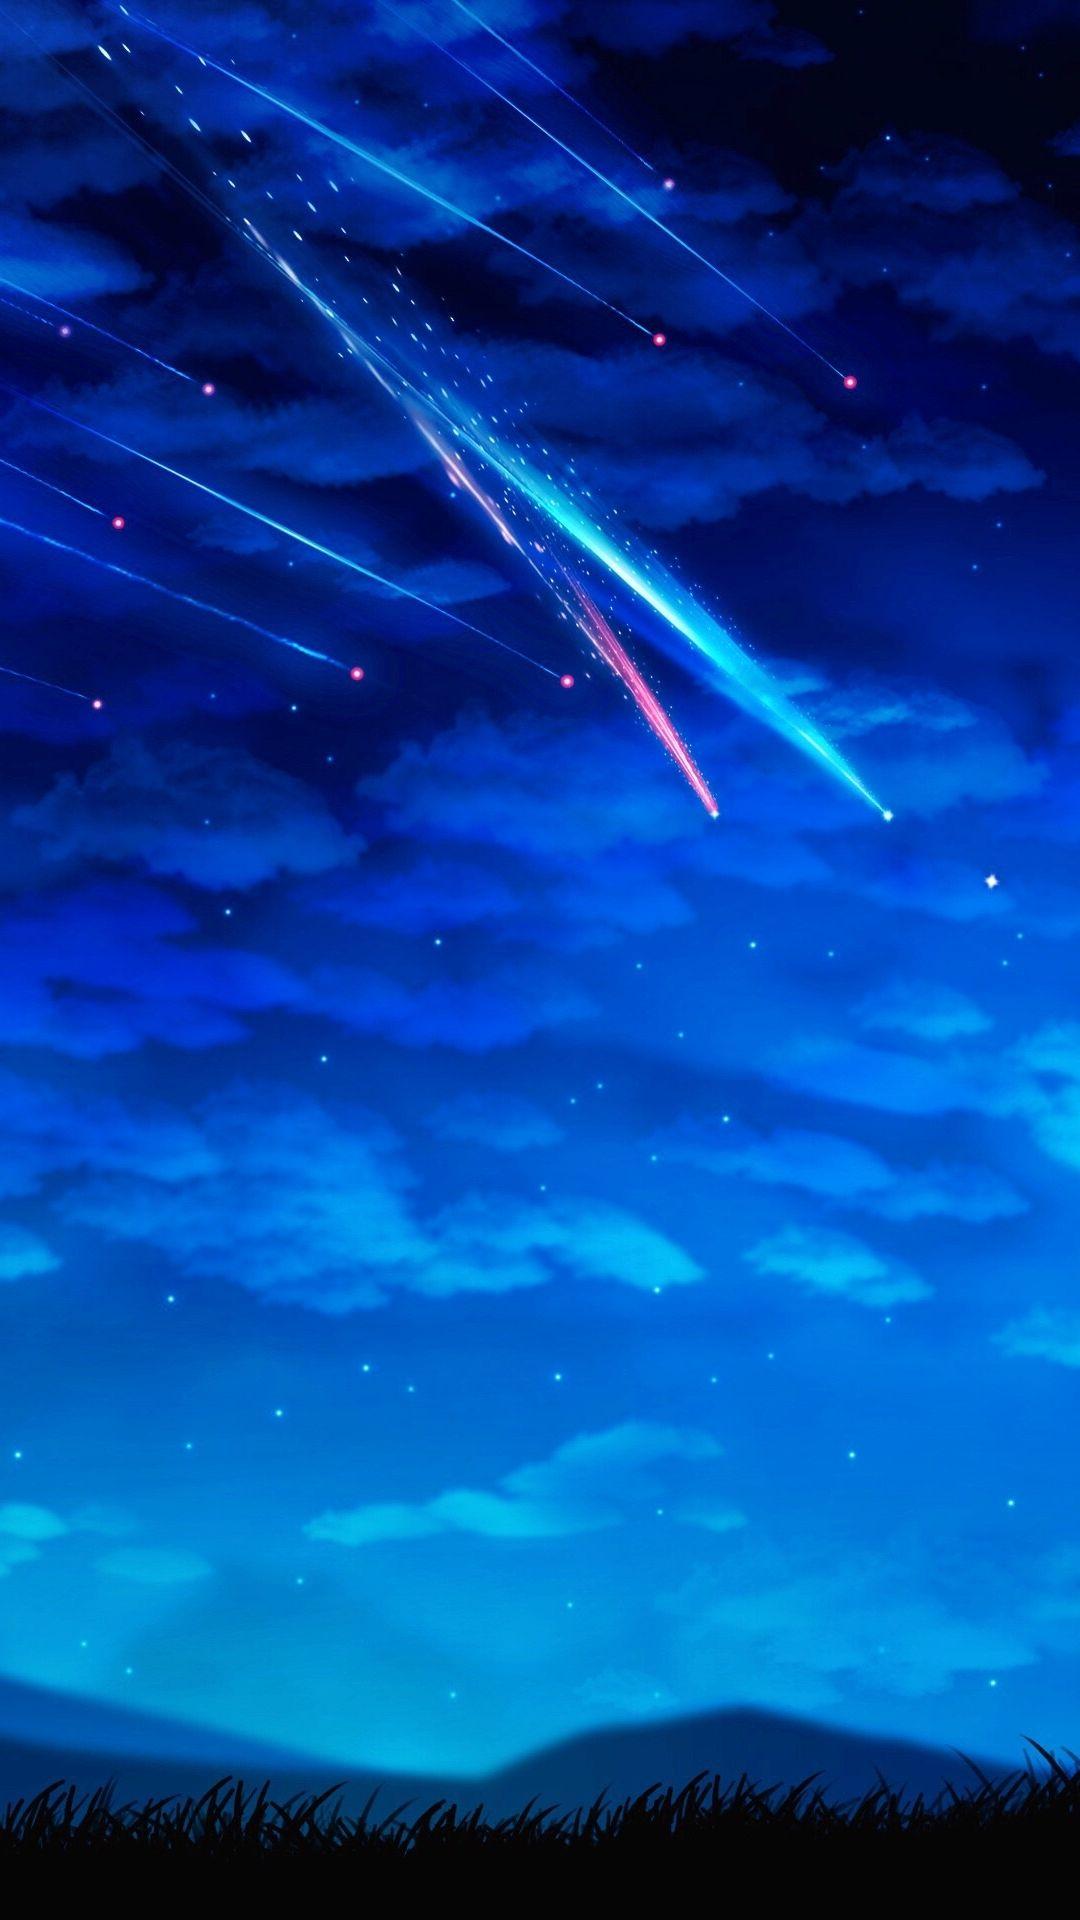 流れ星 画像あり 流れ星 イラスト 幻想的なイラスト 星空 イラスト